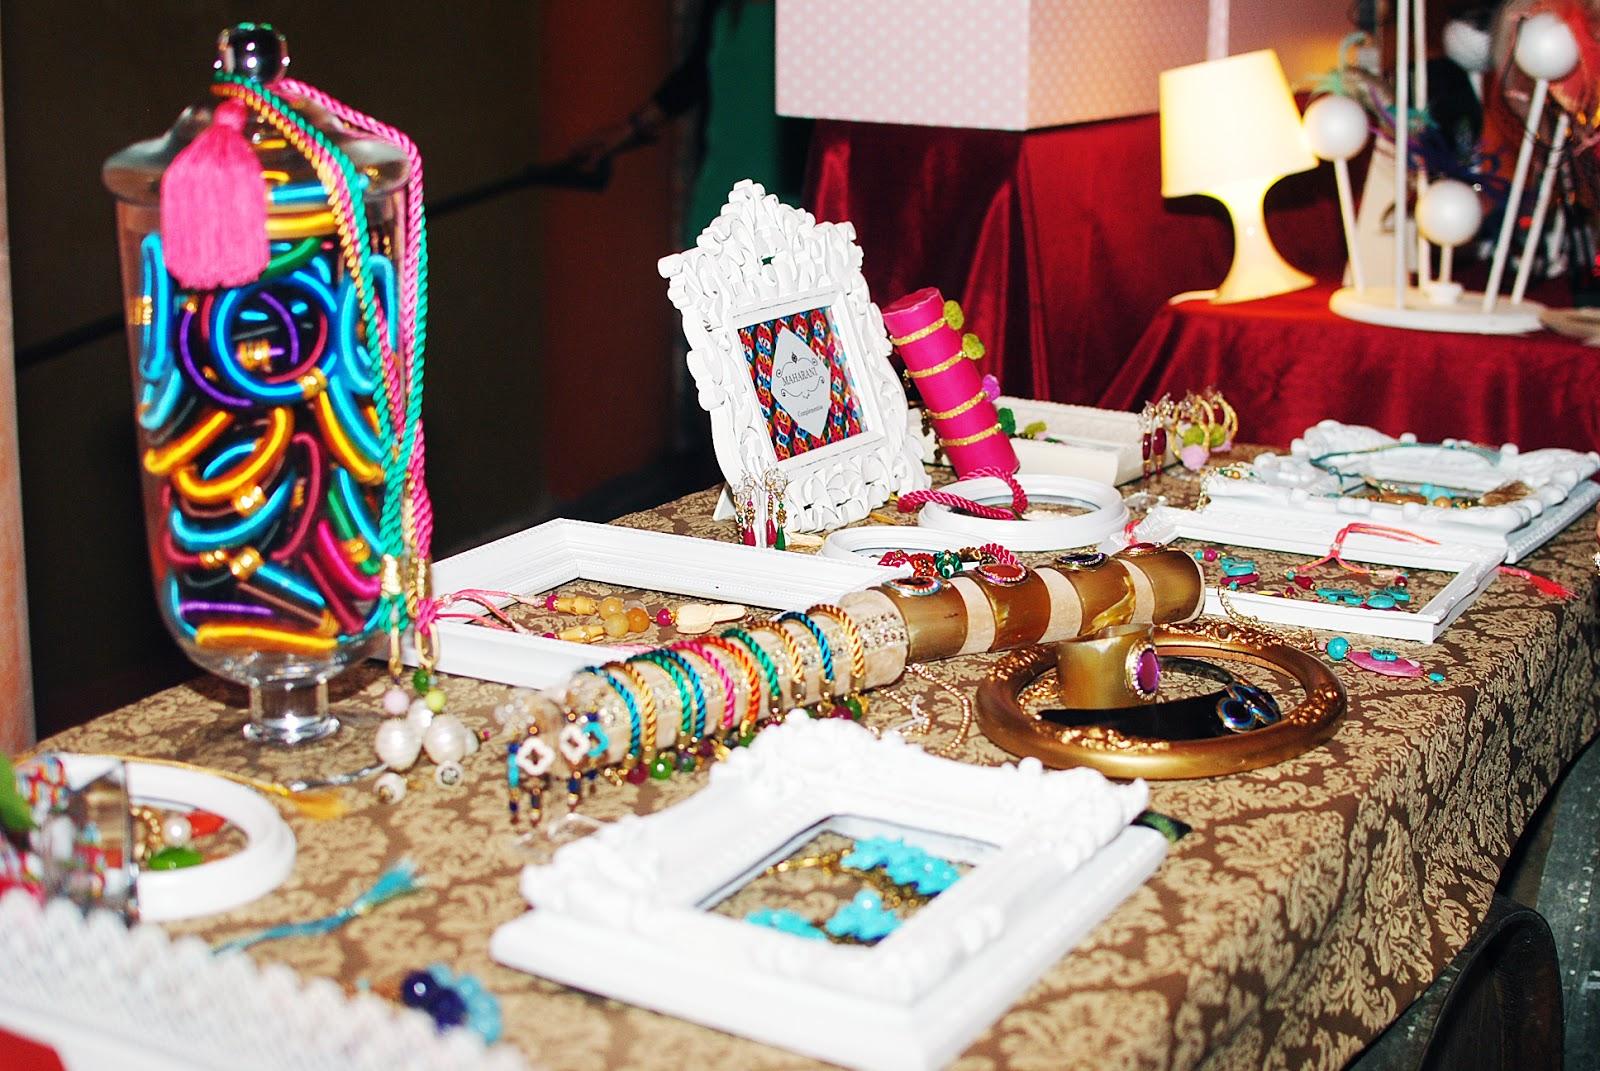 nery hdez, bodegas monje, blogueras de moda de tenerife, evento de moda de tenerife, desfile